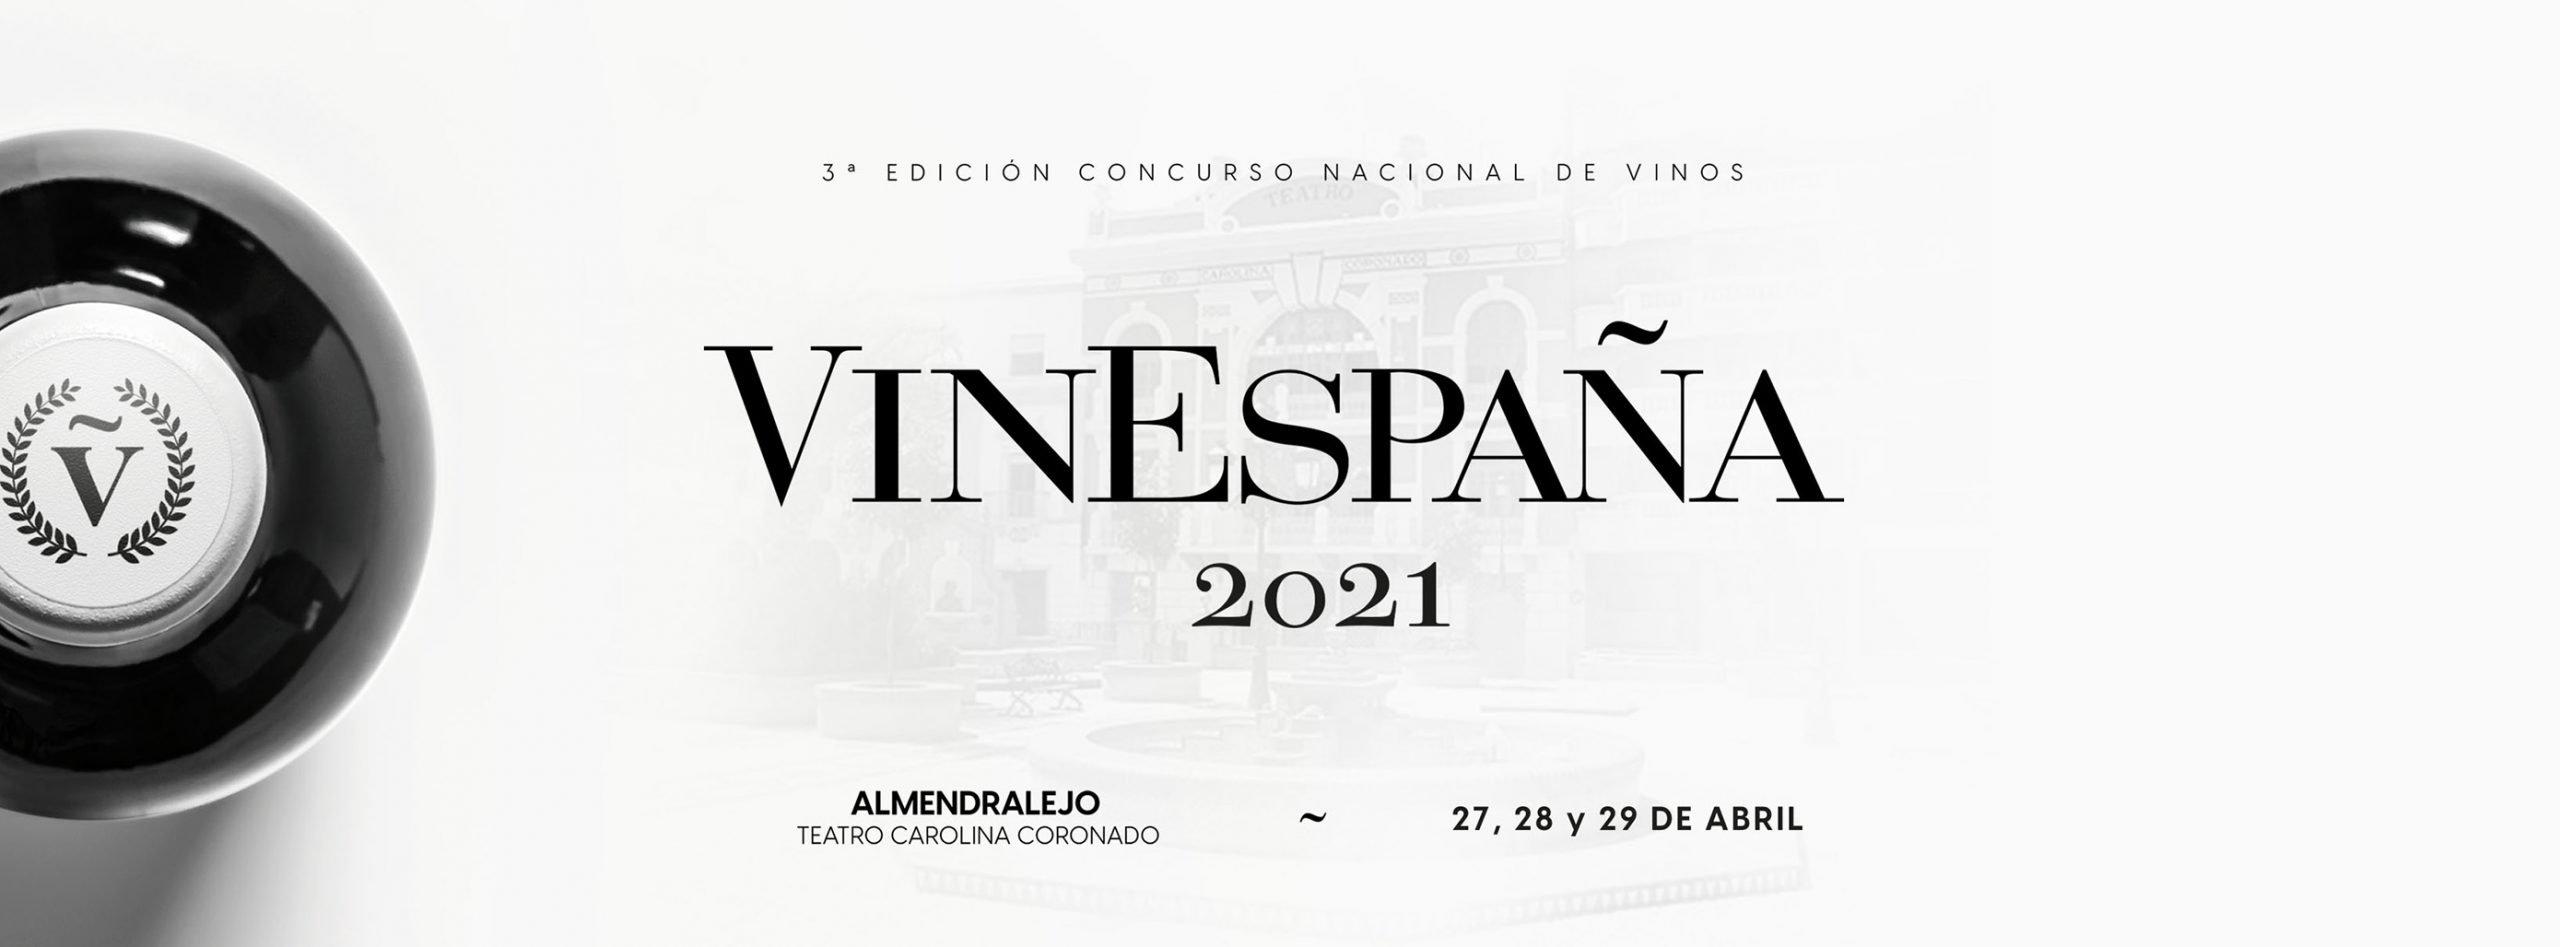 Vinespaña 2021